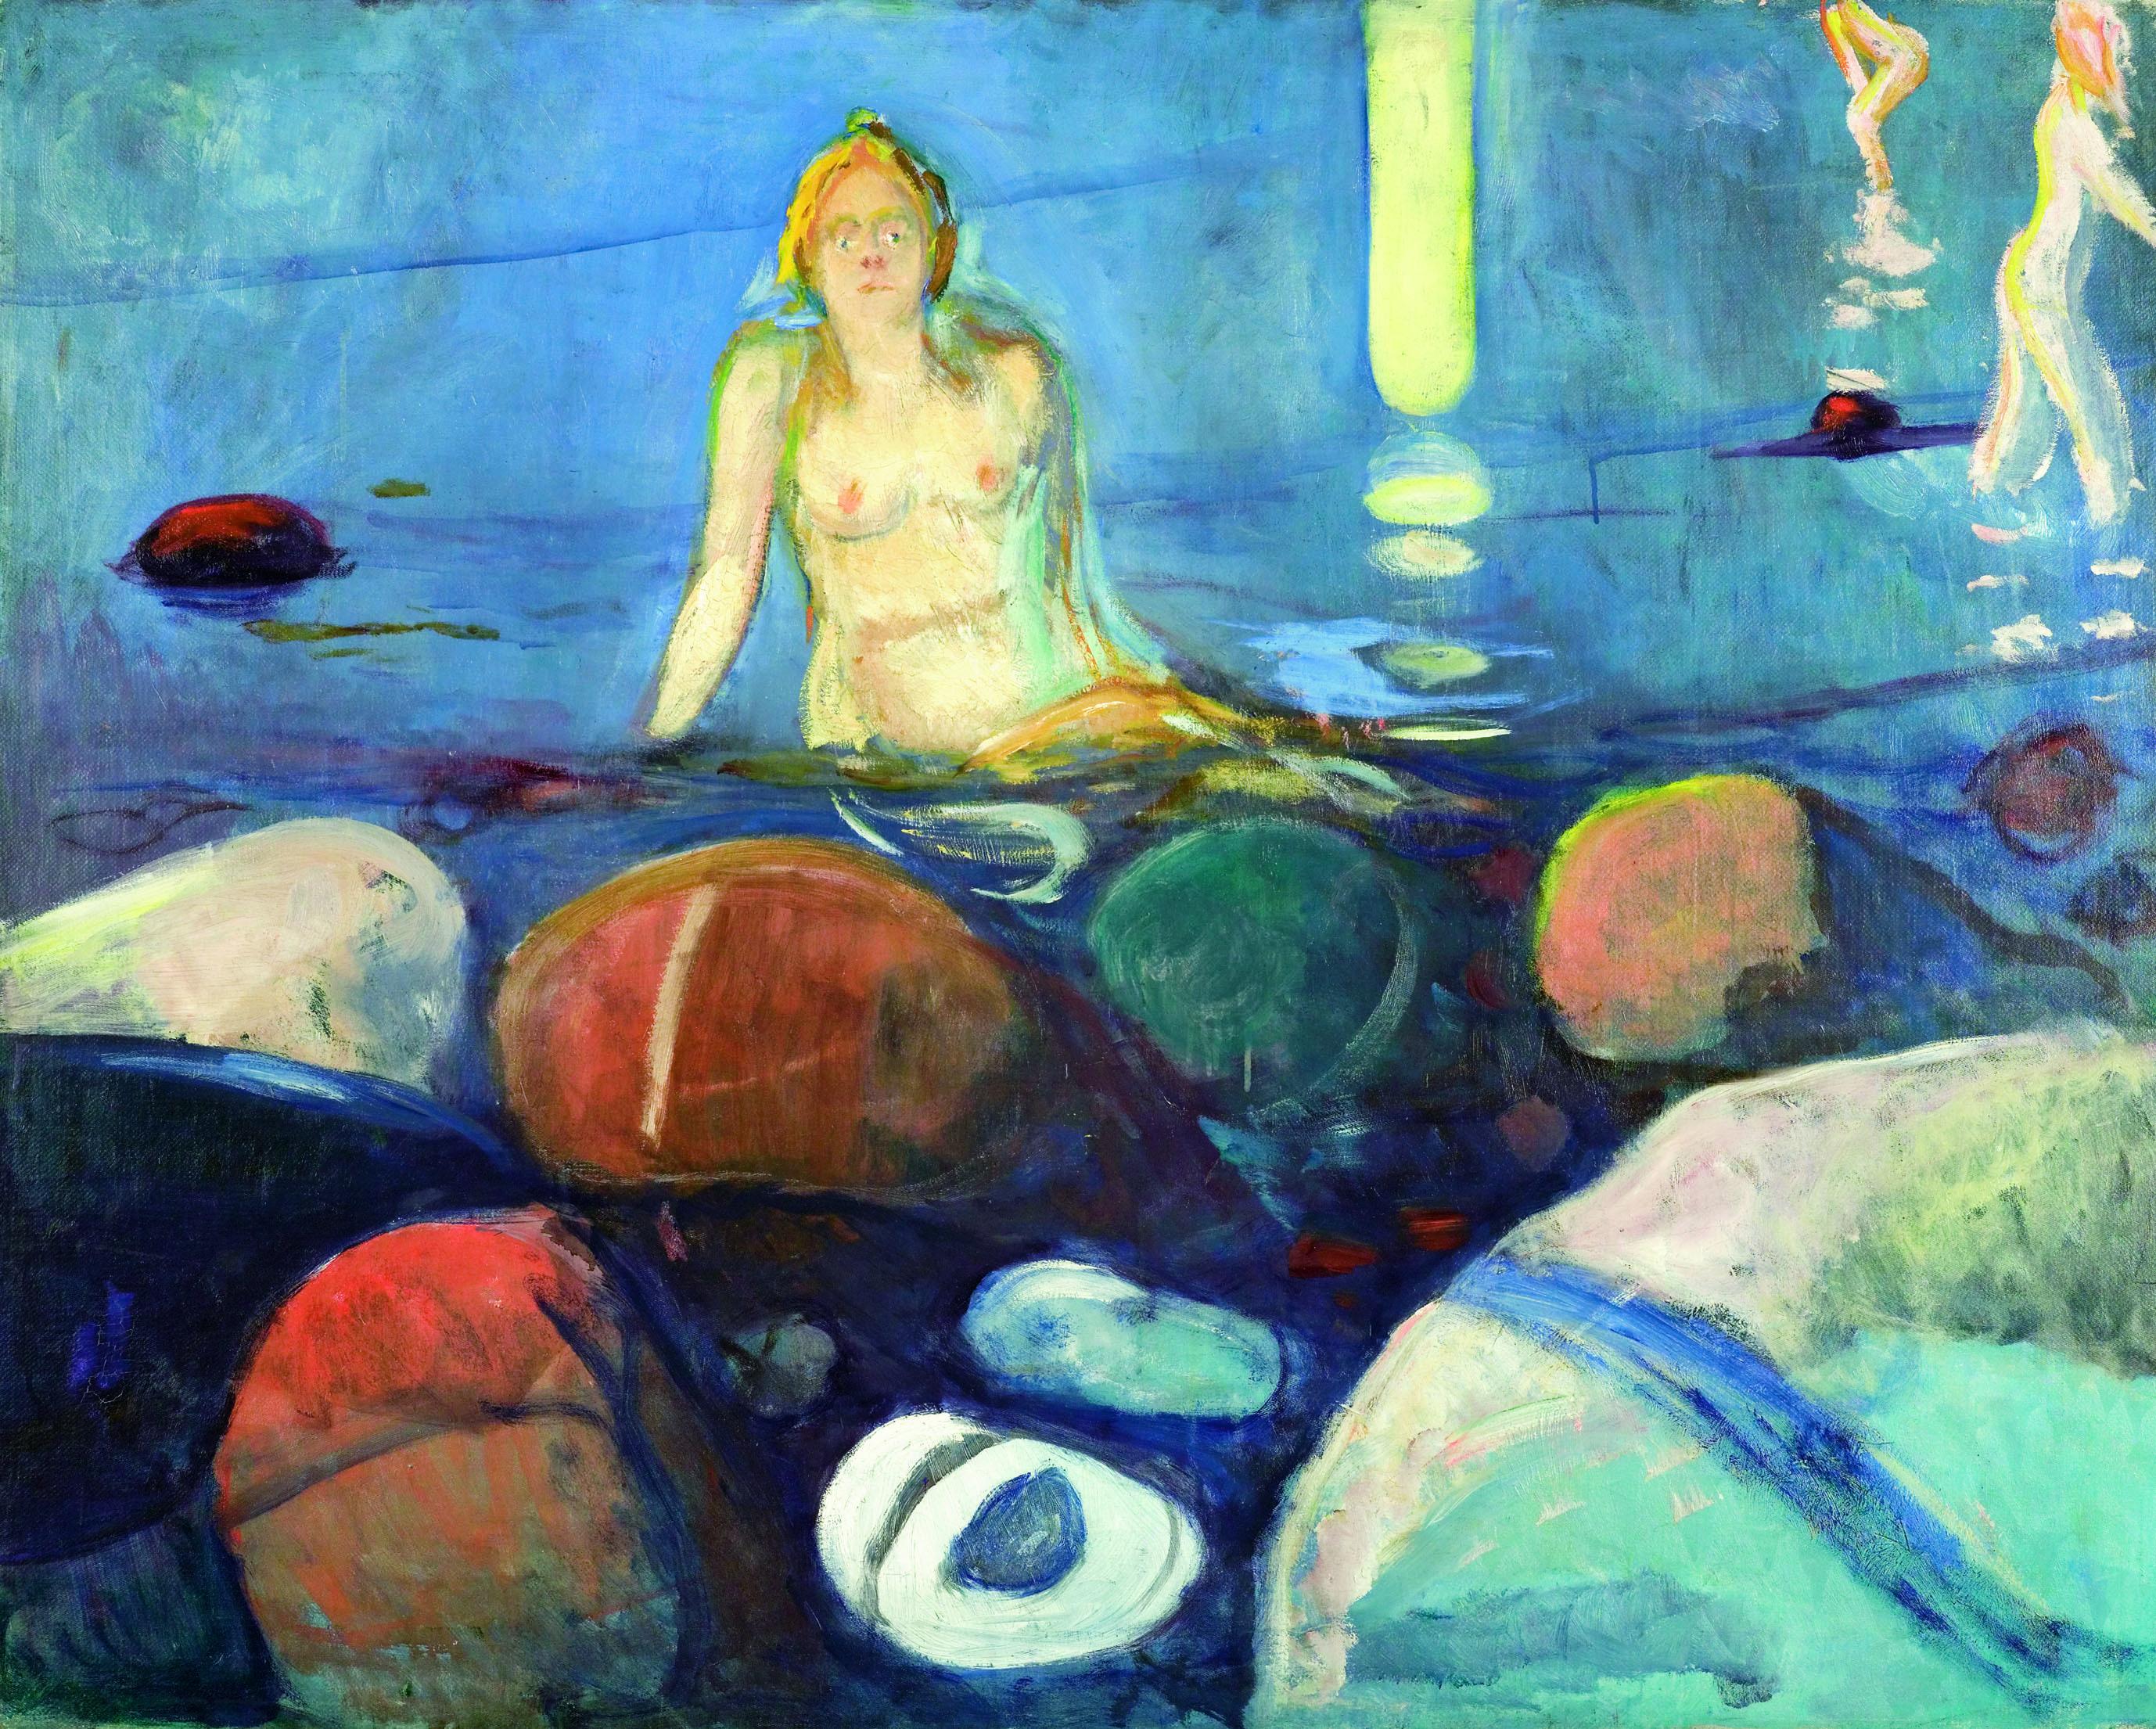 エドヴァルド・ムンク《夏の夜、人魚》1893年 油彩、カンヴァス 93×117cm